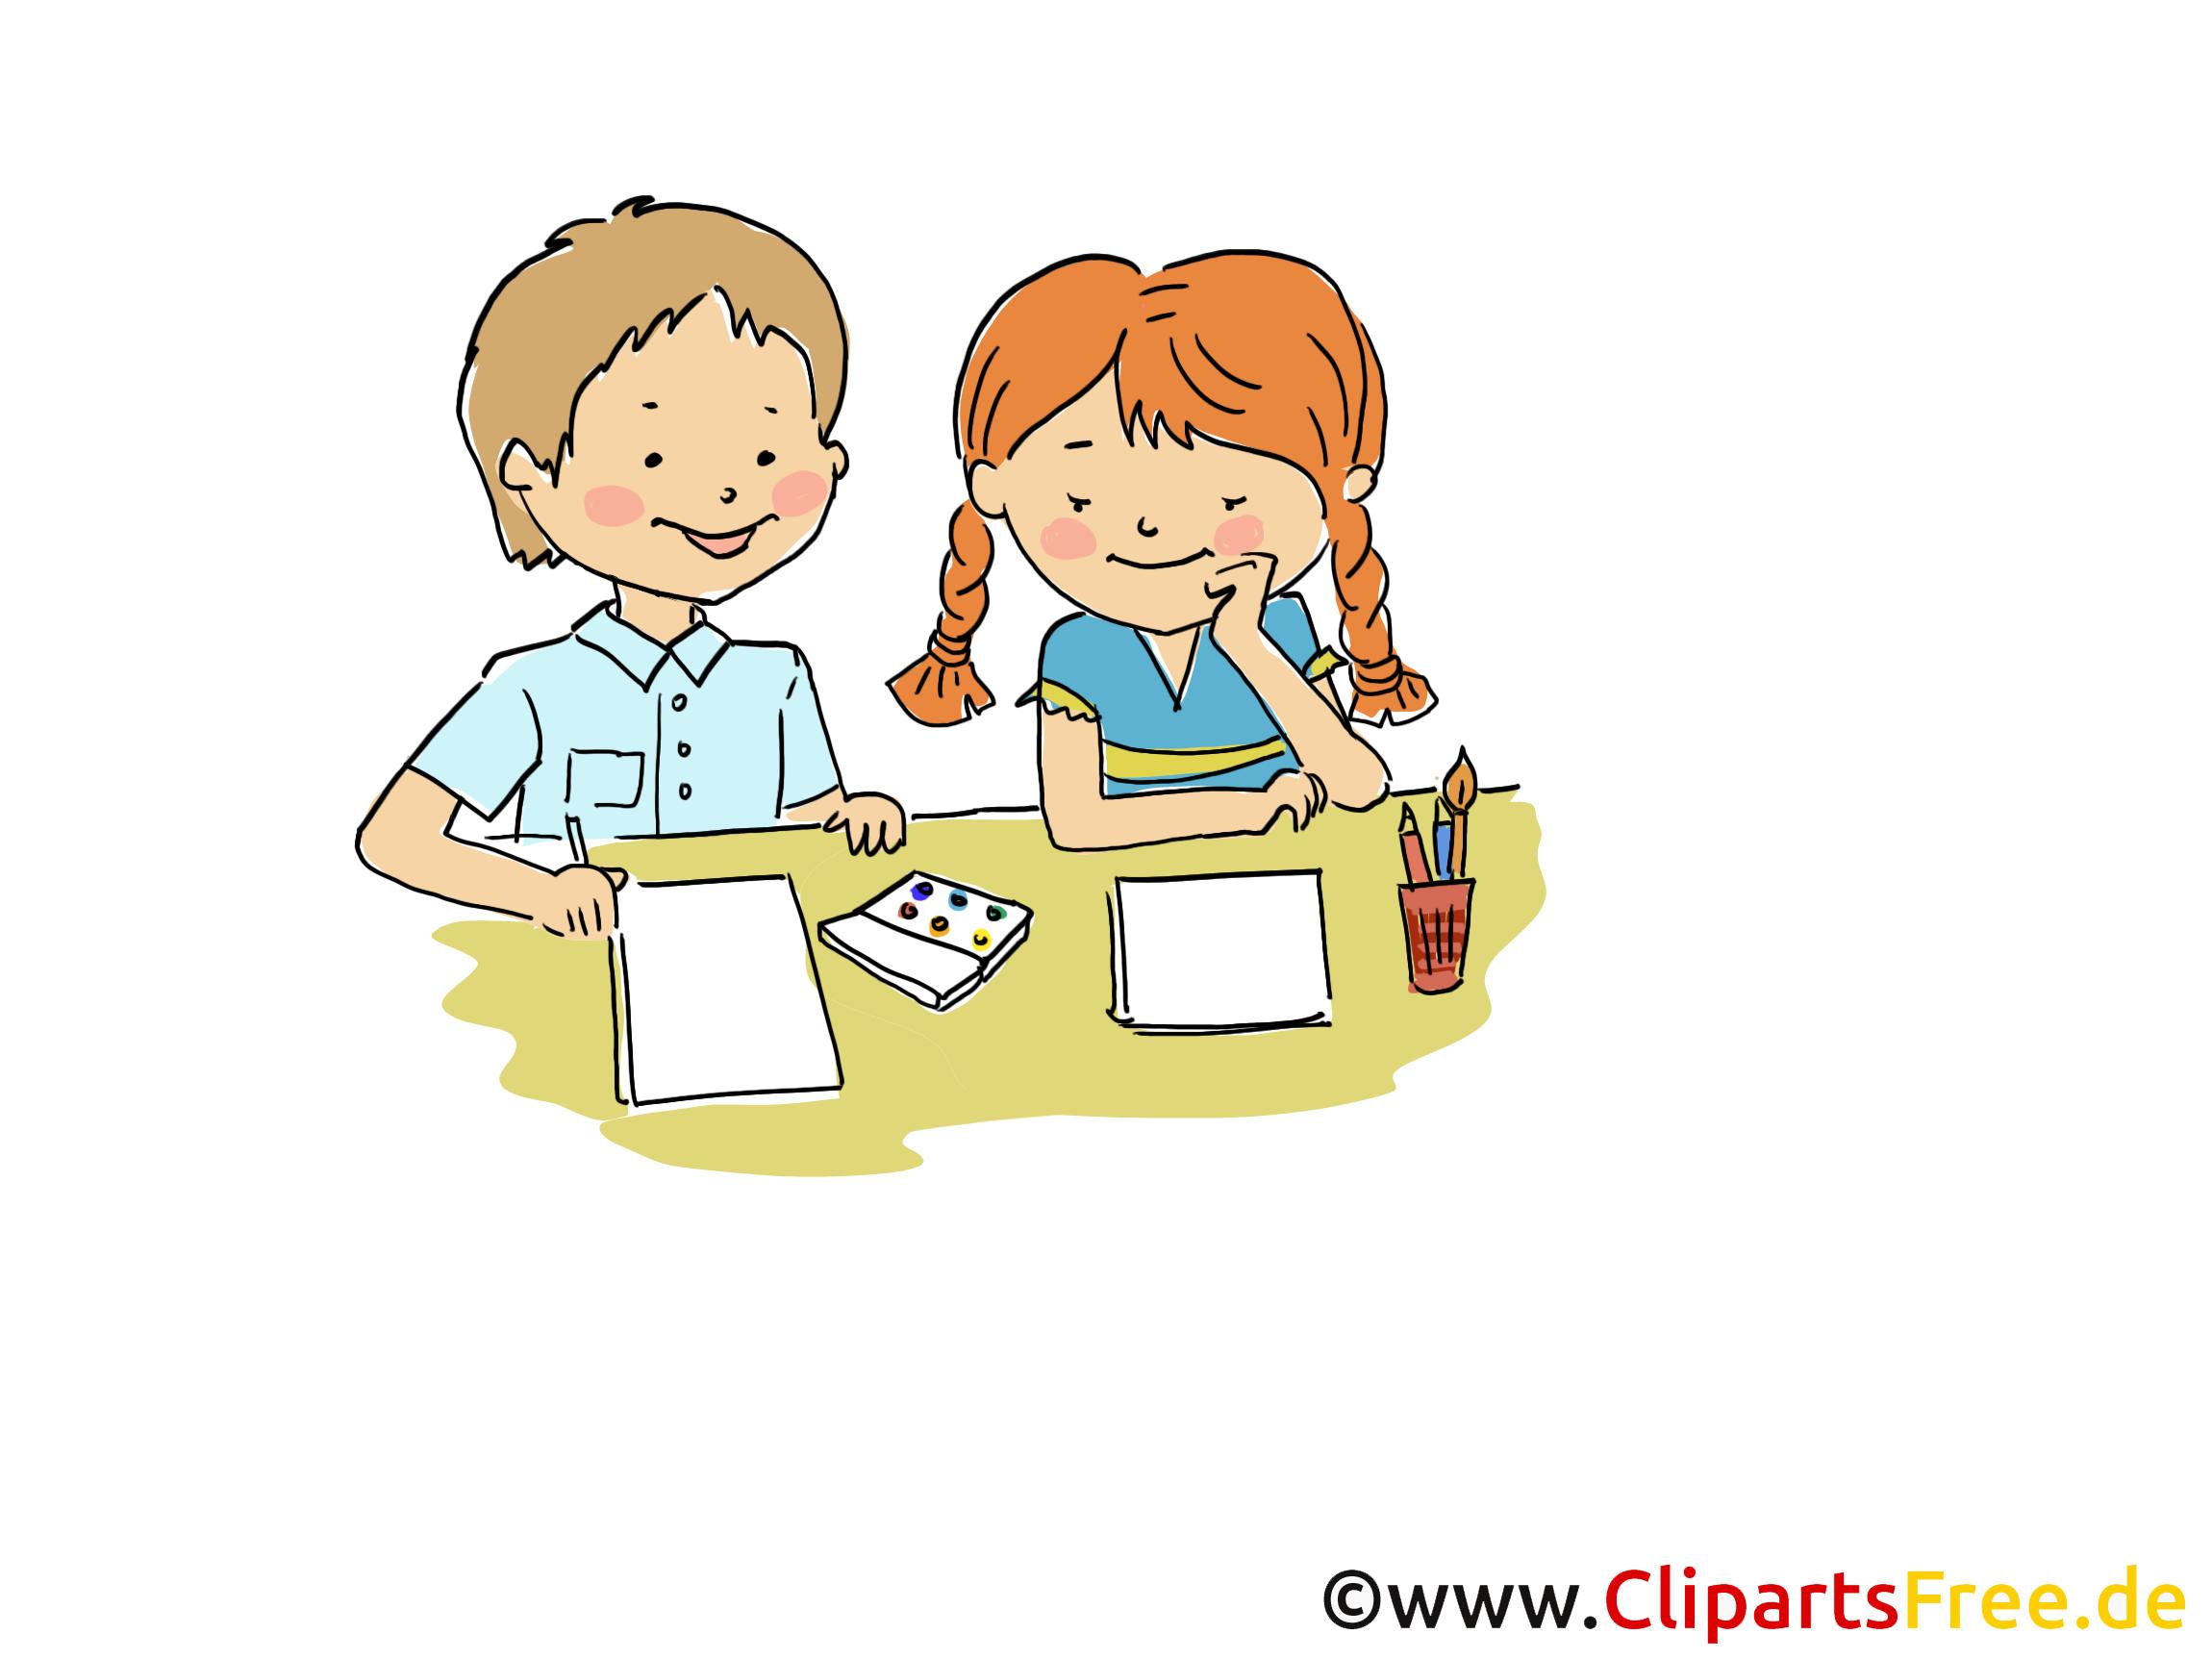 clipart schule kindergarten - photo #26